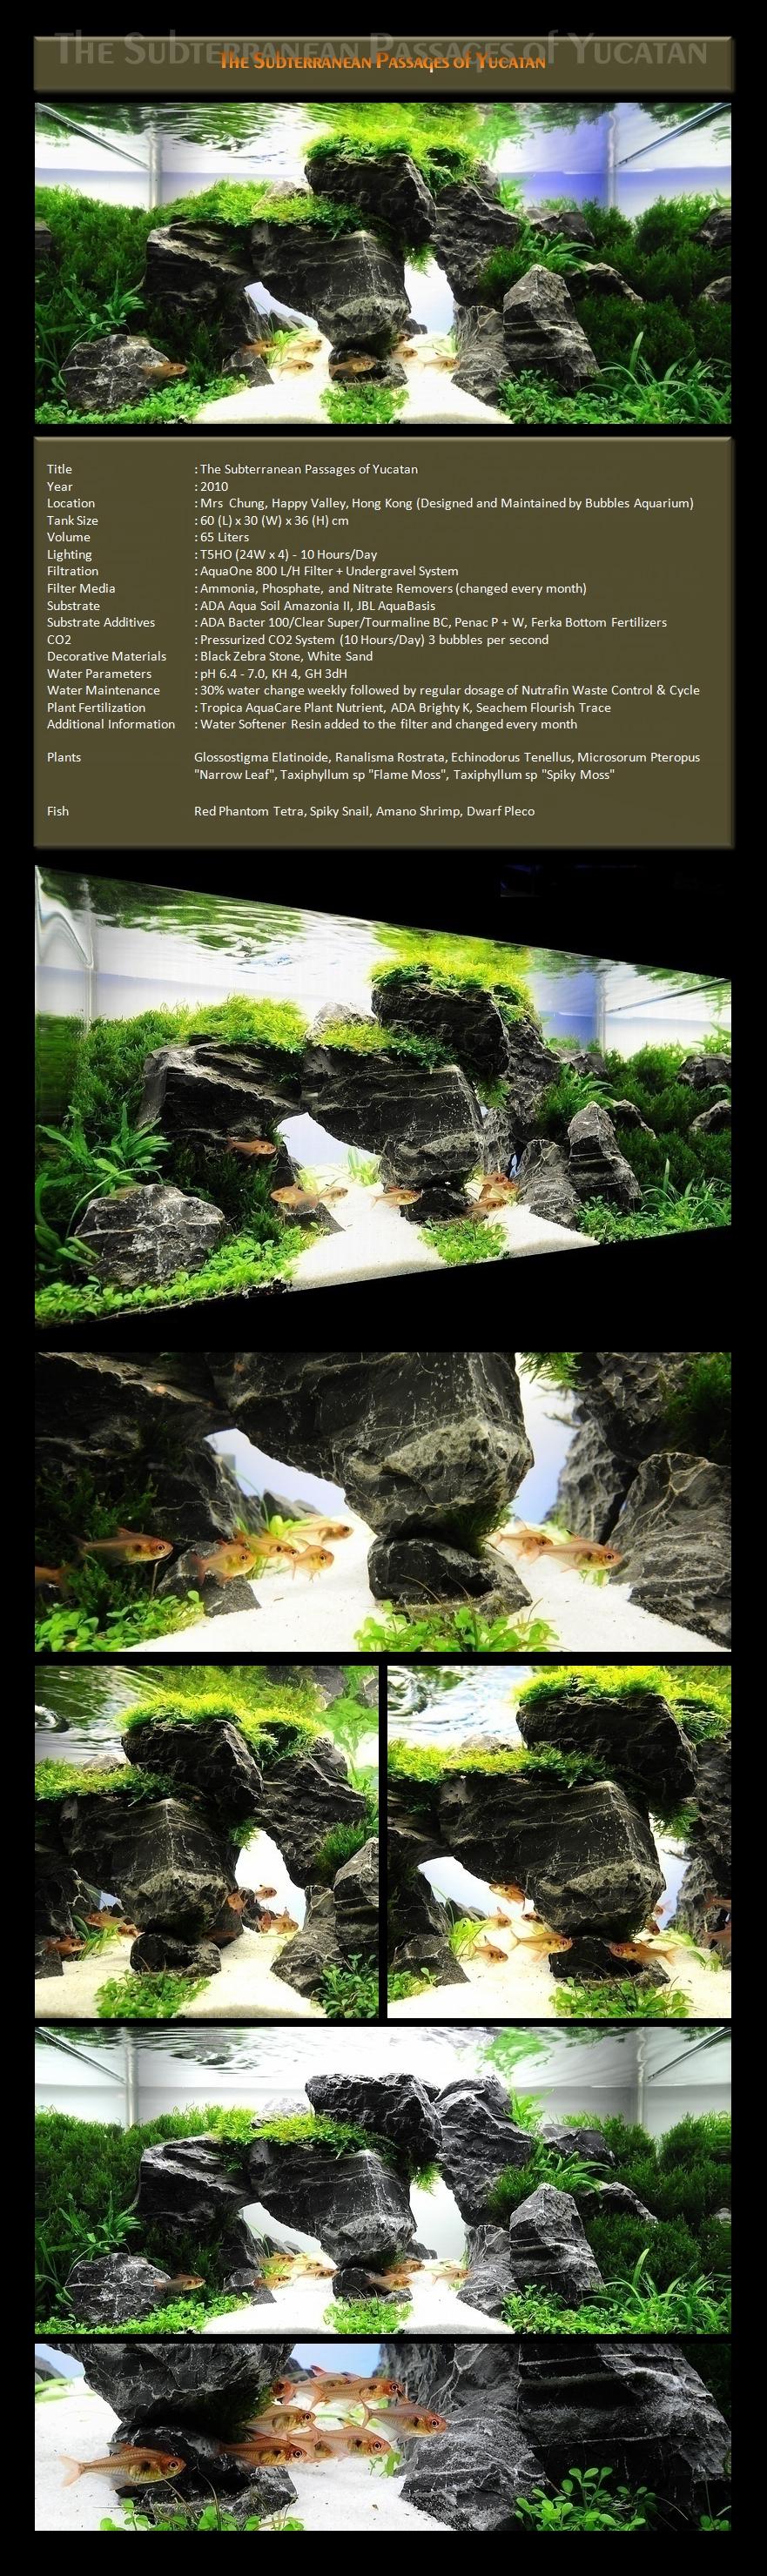 Bubbles Aquarium Aquascapes 2009 Aquascaping Gallery